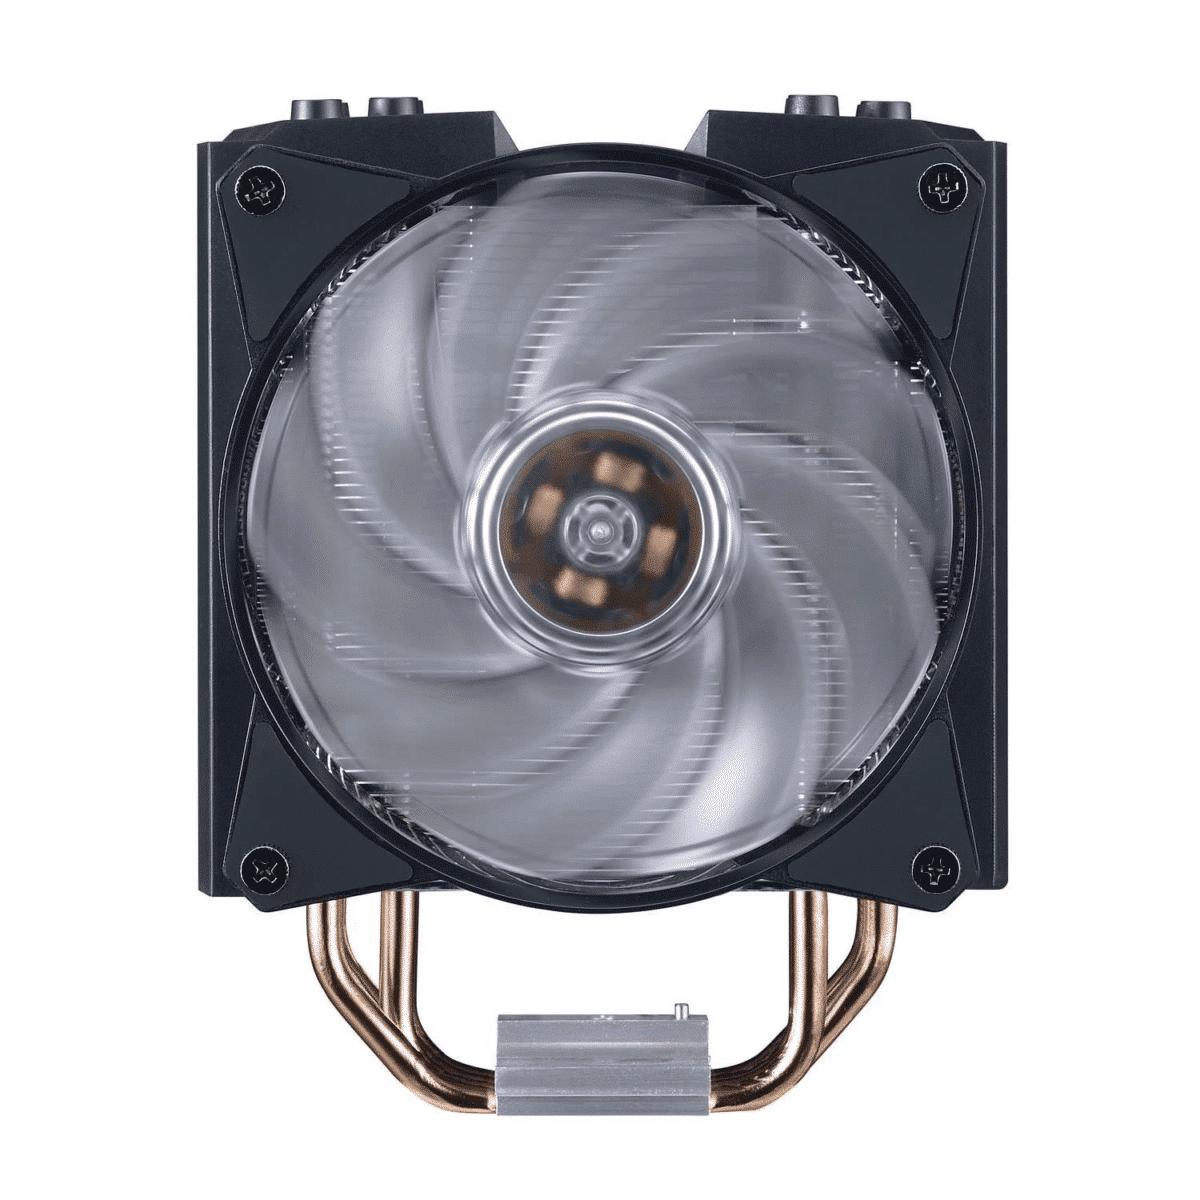 Cooler Master MasterAir MA410M CPU Cooler 1800rpm MAM-T4PN-218PC-R1